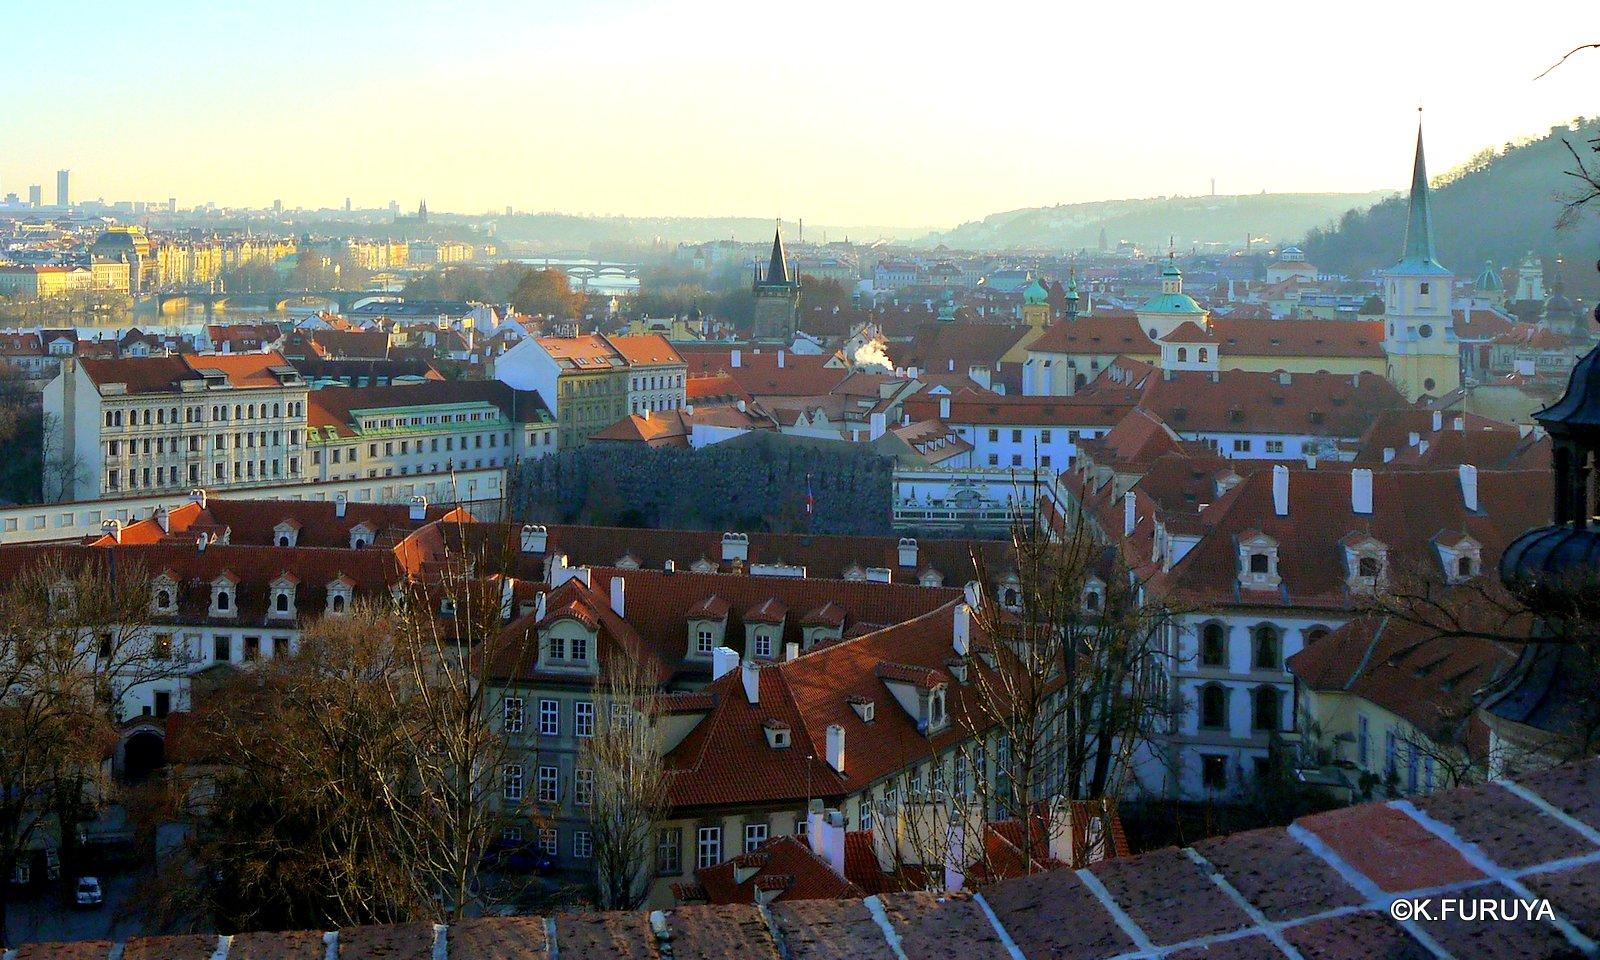 プラハ 4 プラハ城 黄金の小路_a0092659_1562219.jpg